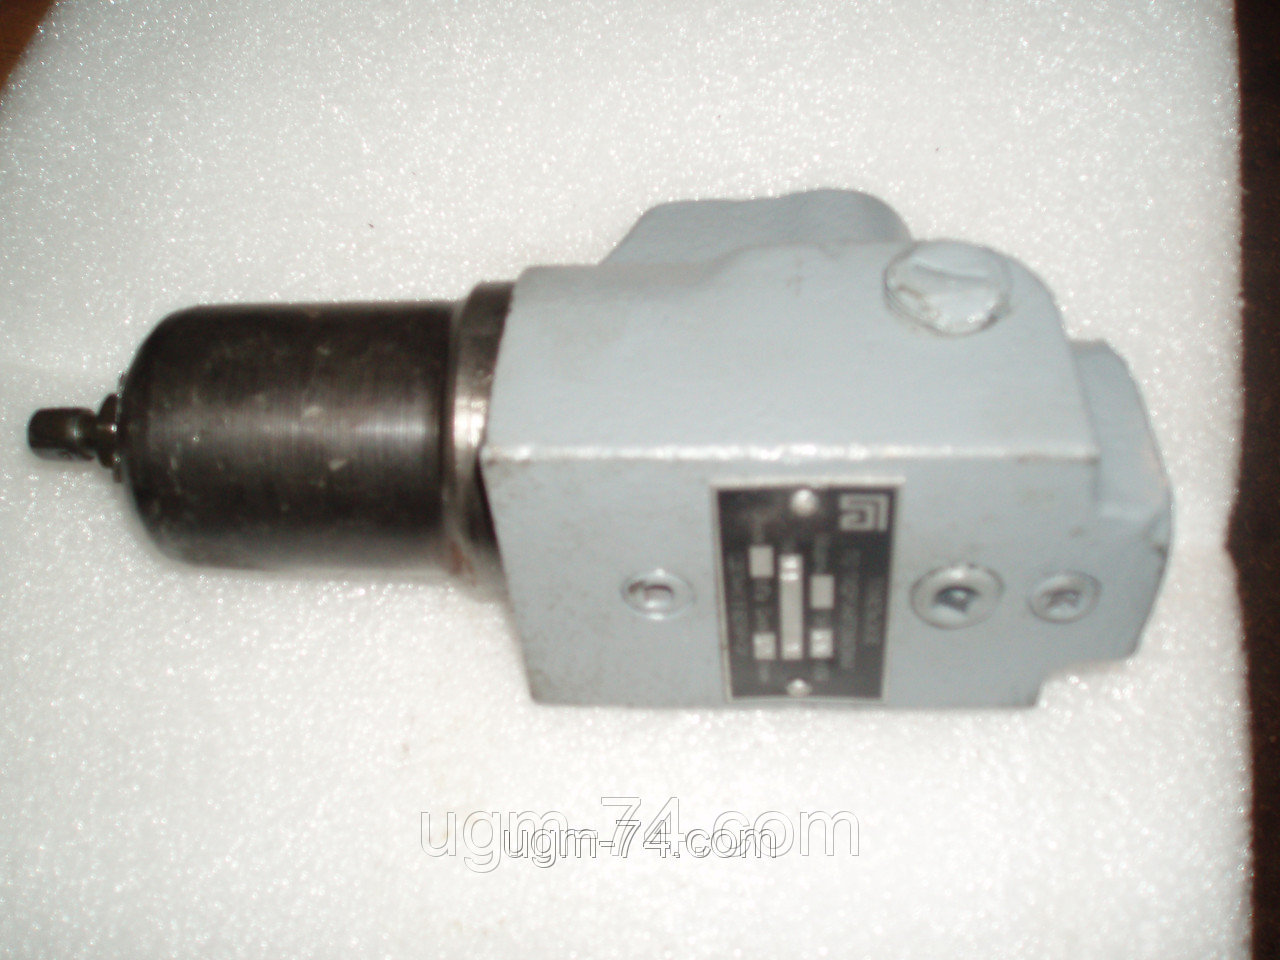 Гидроклапан АГ54-34М